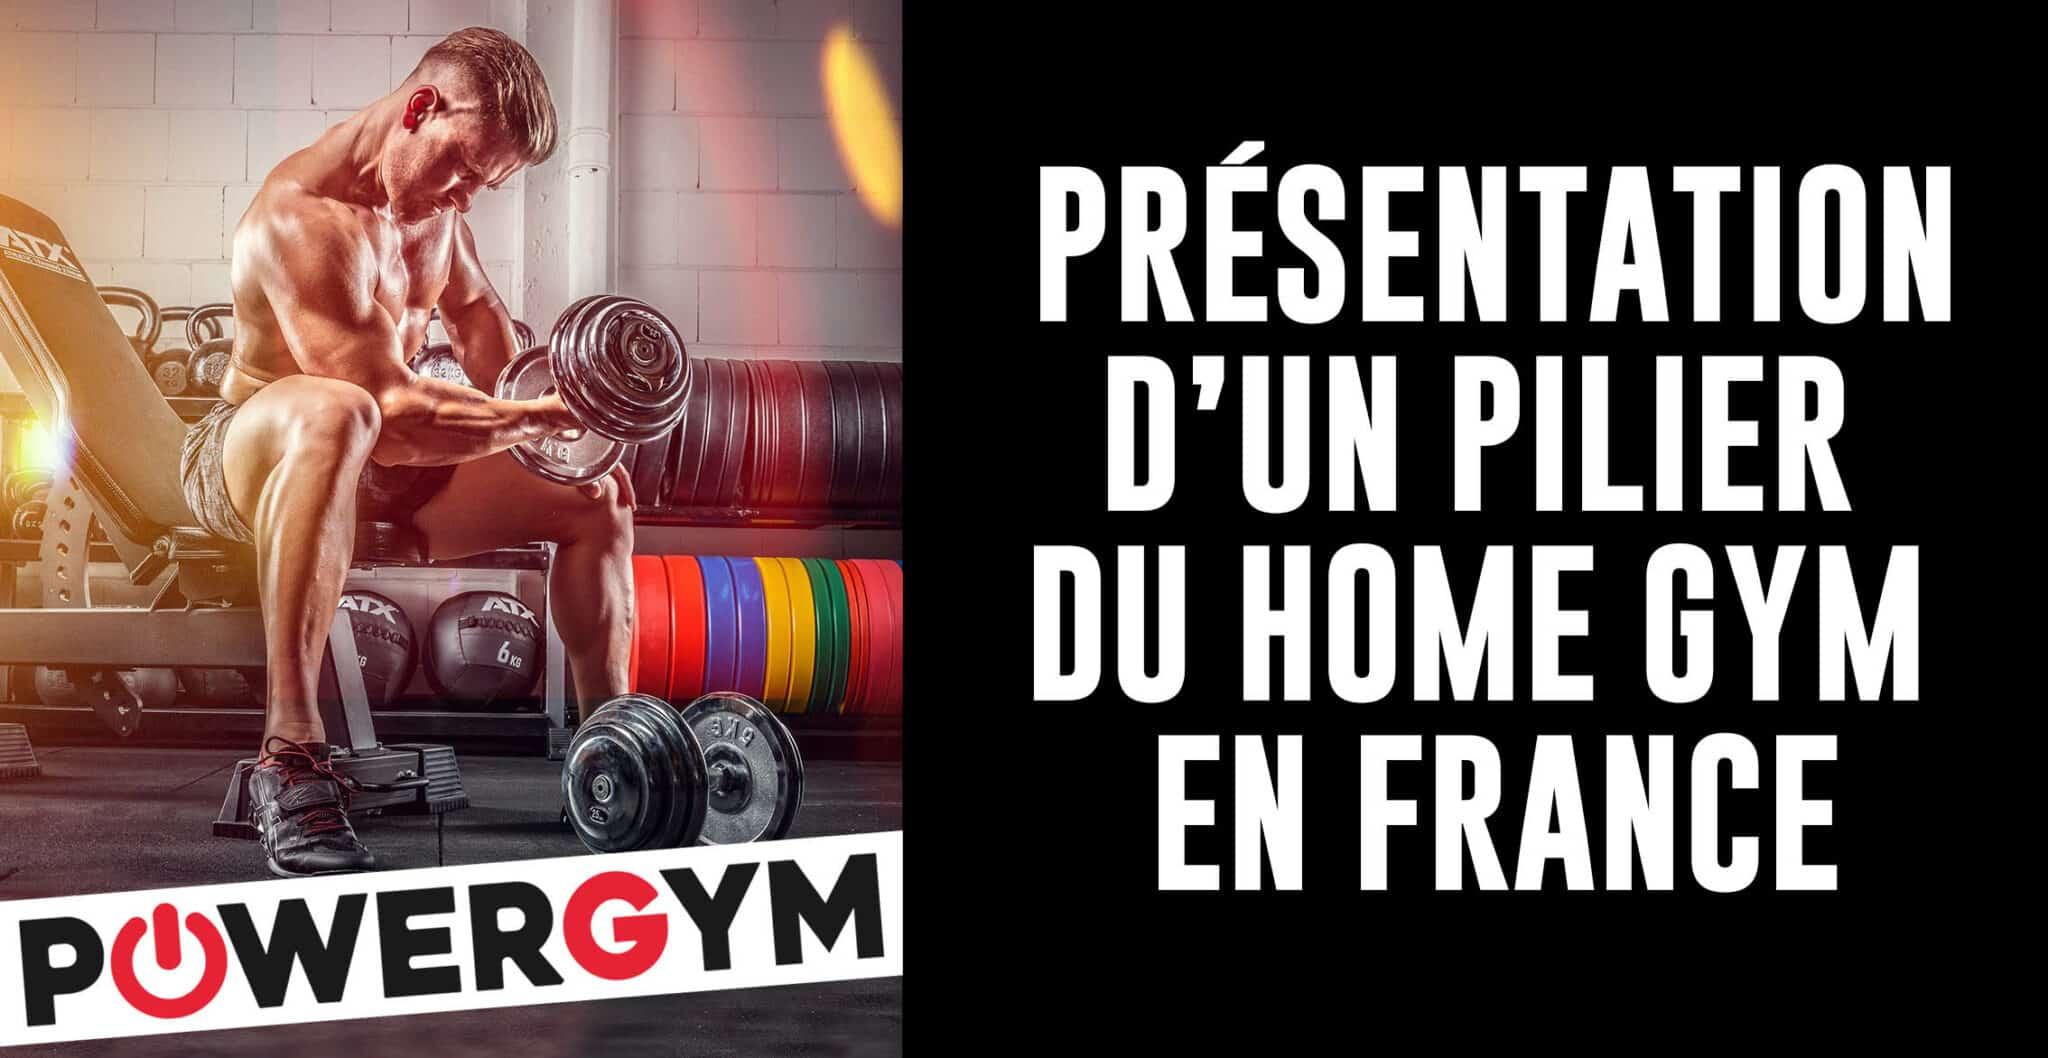 Powergym.fr, le spécialiste français du Home-gym.